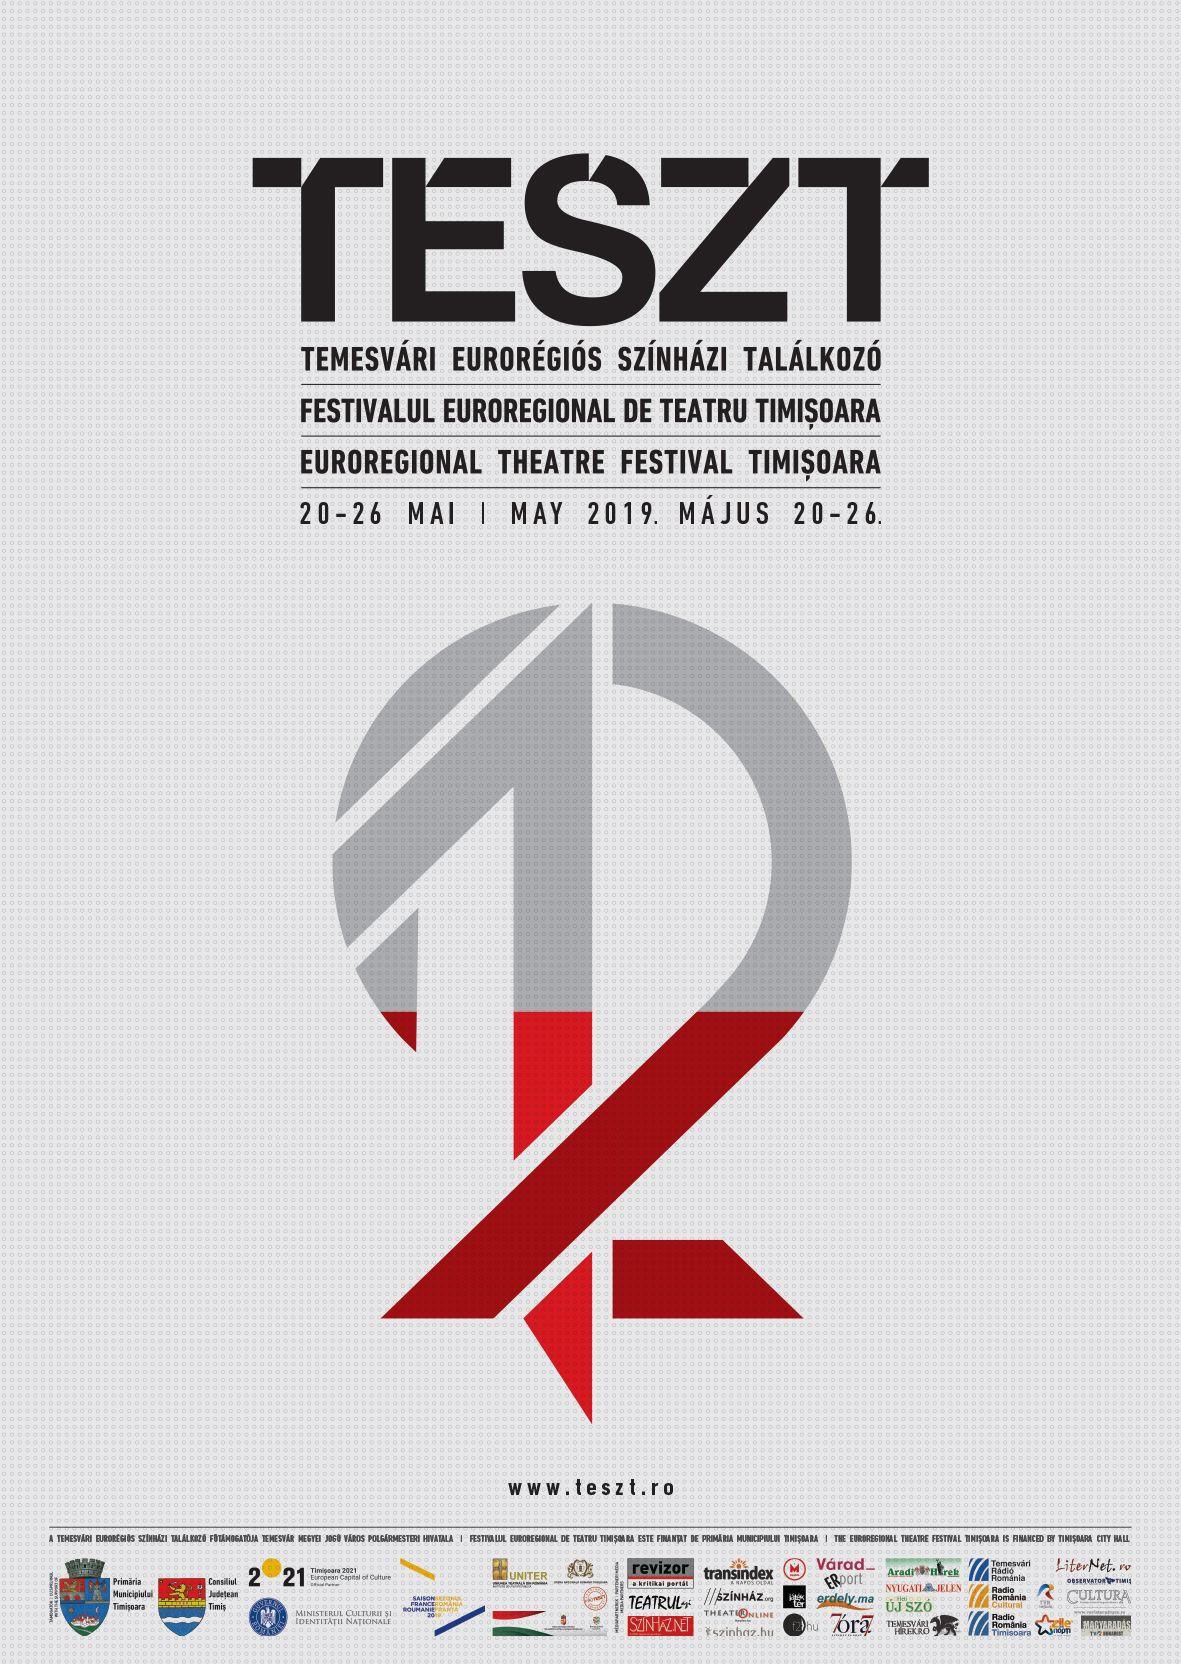 JumătaTESZT – bugetul redus restrânge programul festivalului care începe în zece zile